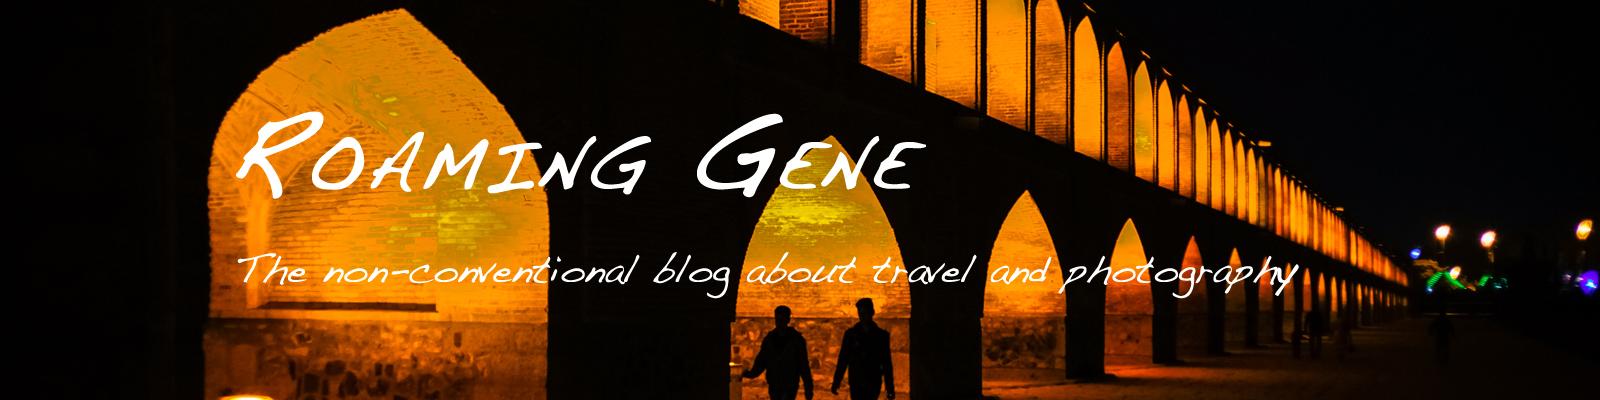 Roaming Gene